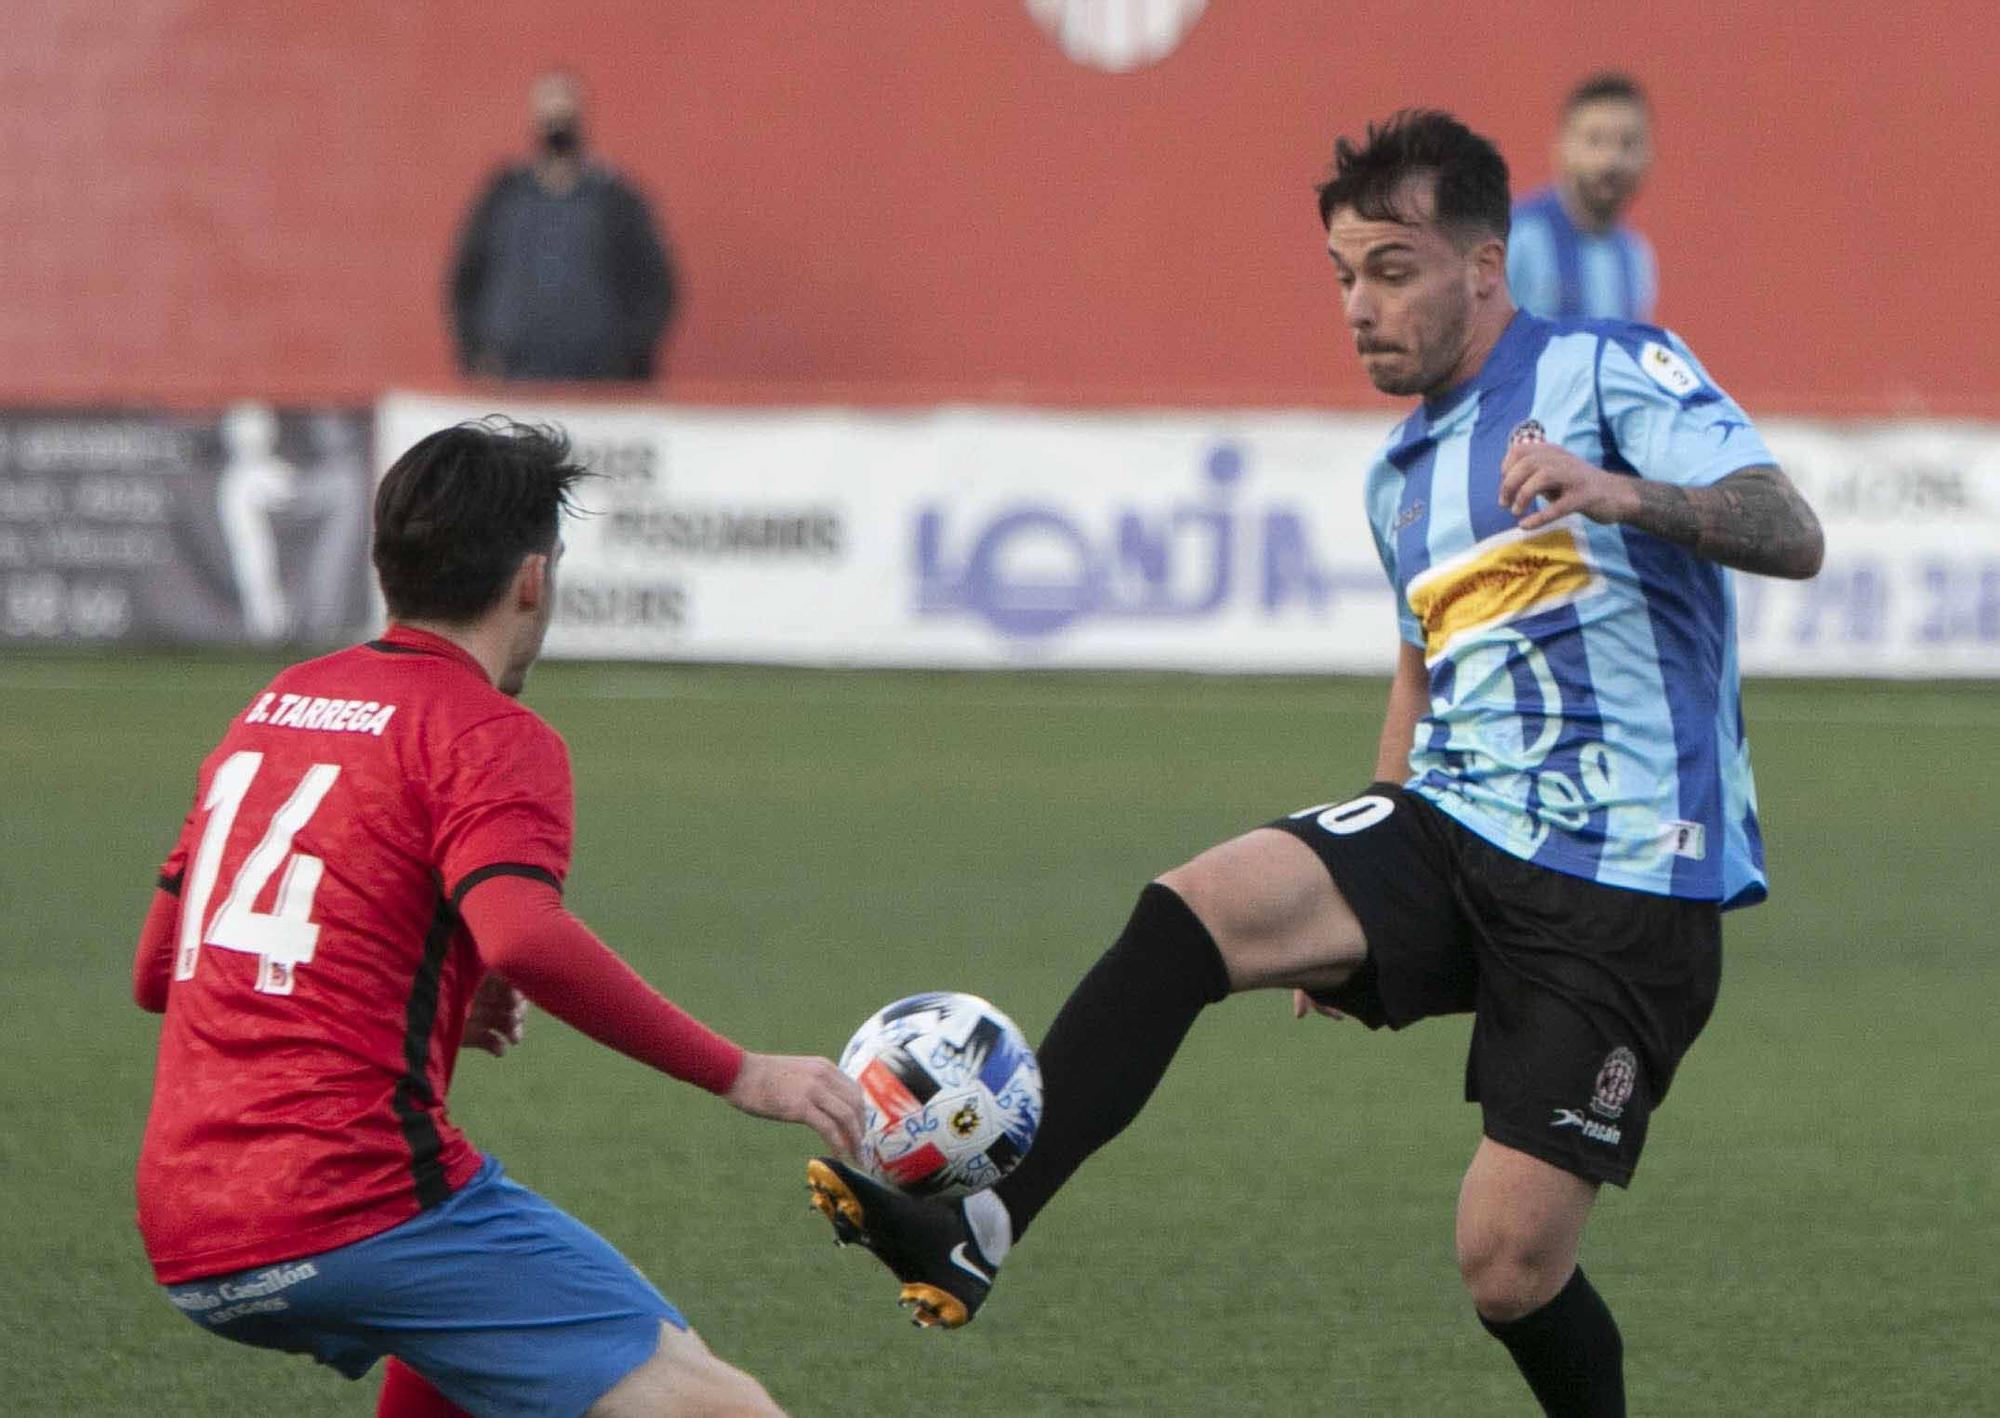 Empate entre el Atlético Saguntino y el CD Acero, en un inusual  derbi, con el Saguntino como local en el Fornás.